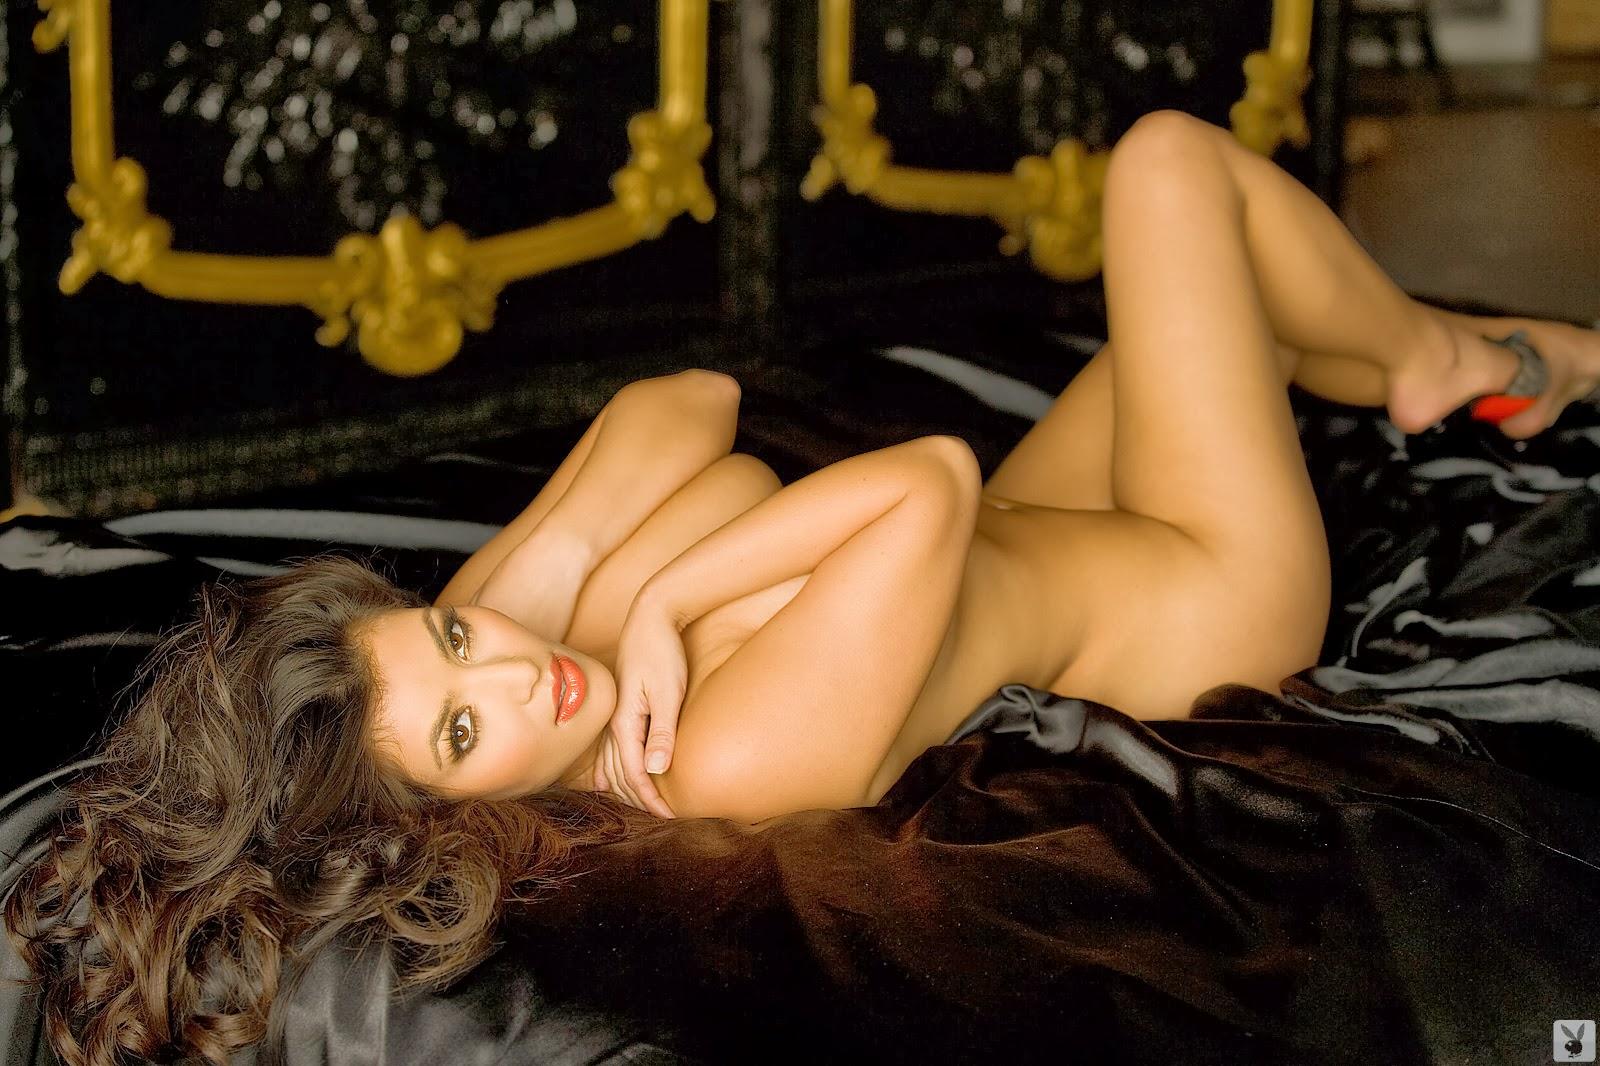 Kim Kardashian - Wikipedia